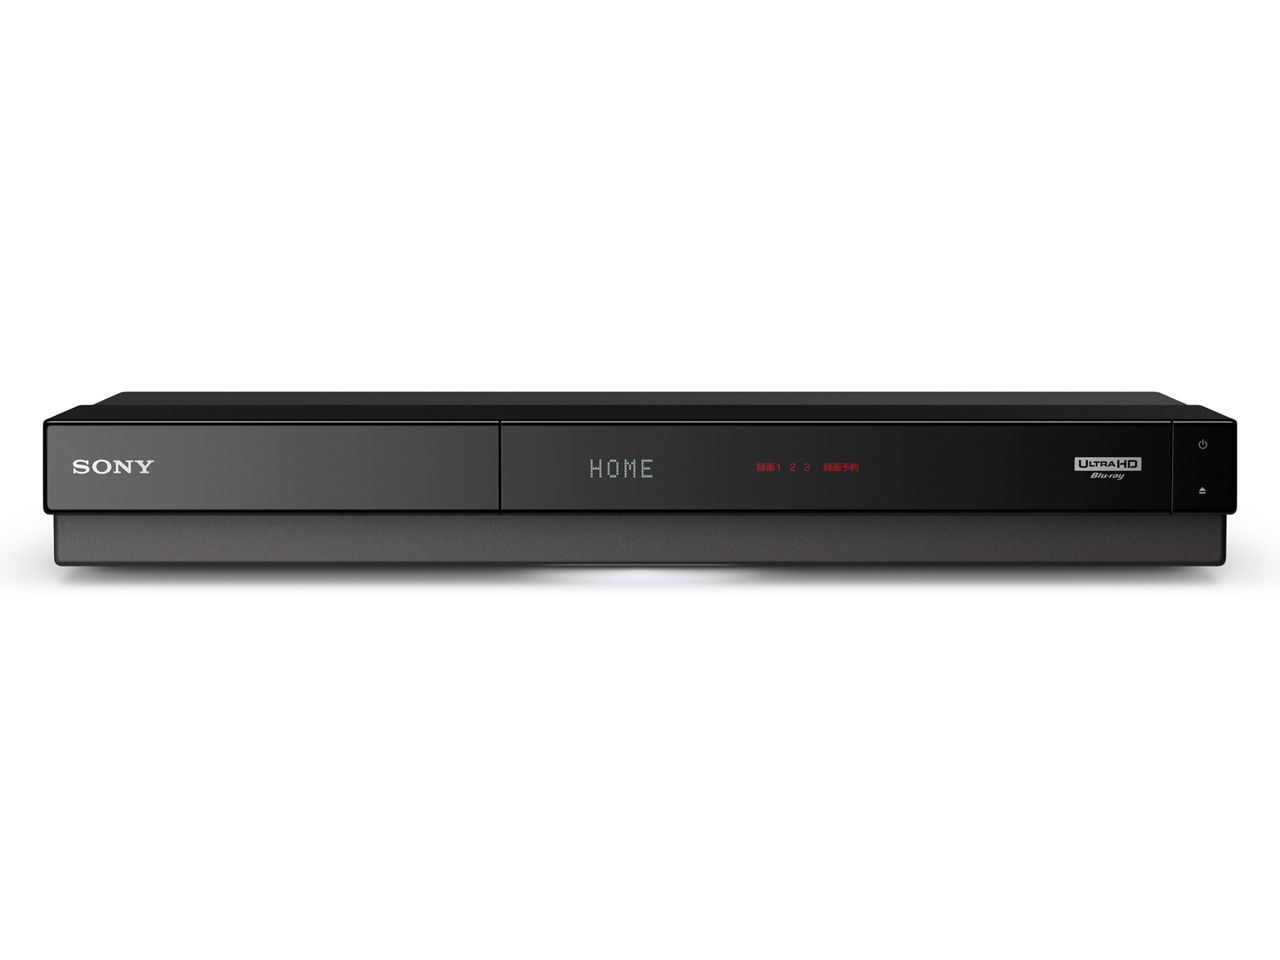 ソニー 4K Ultra HDブルーレイ再生対応2TB HDD/3チューナー搭載 ブルーレイレコーダー BDZ-FT2000